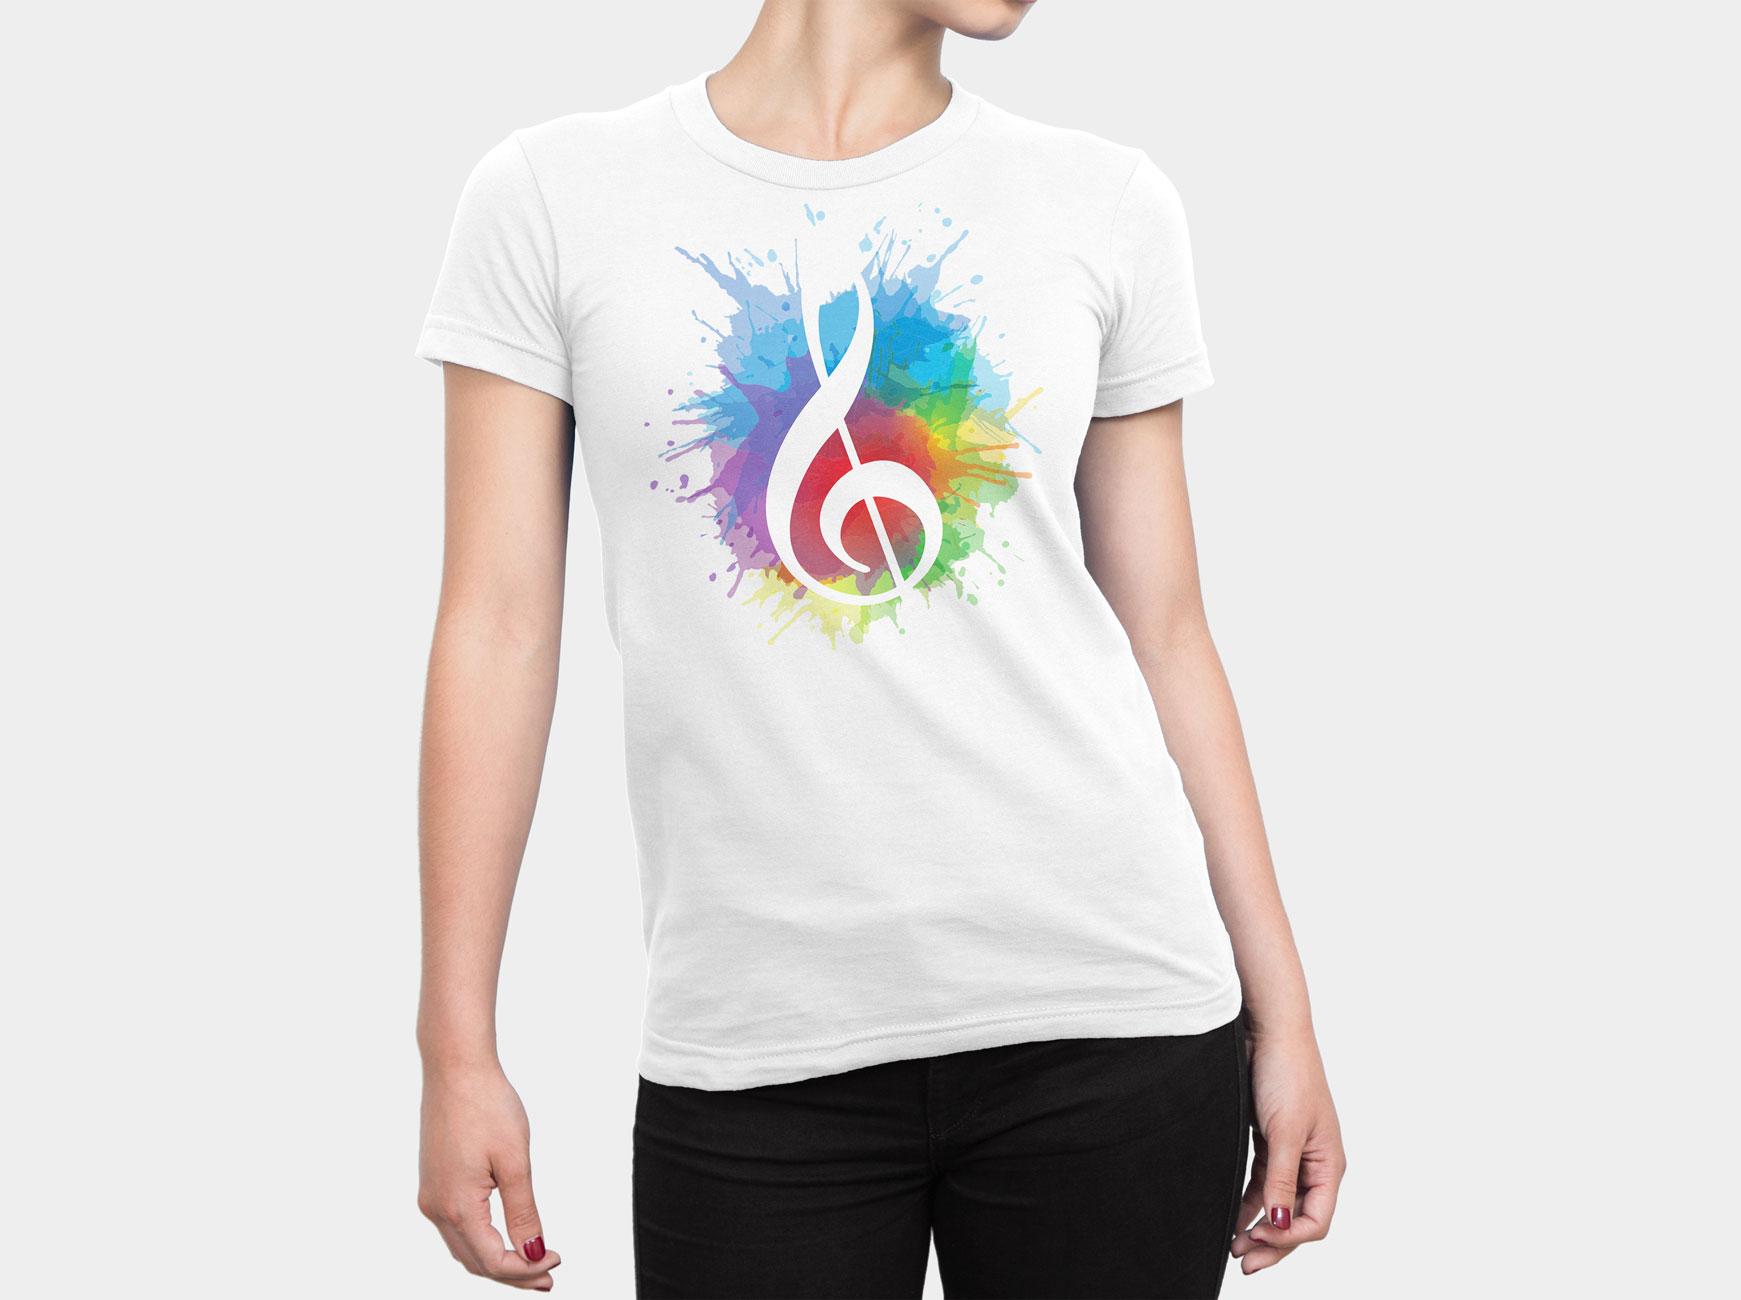 Logo on Tshirt